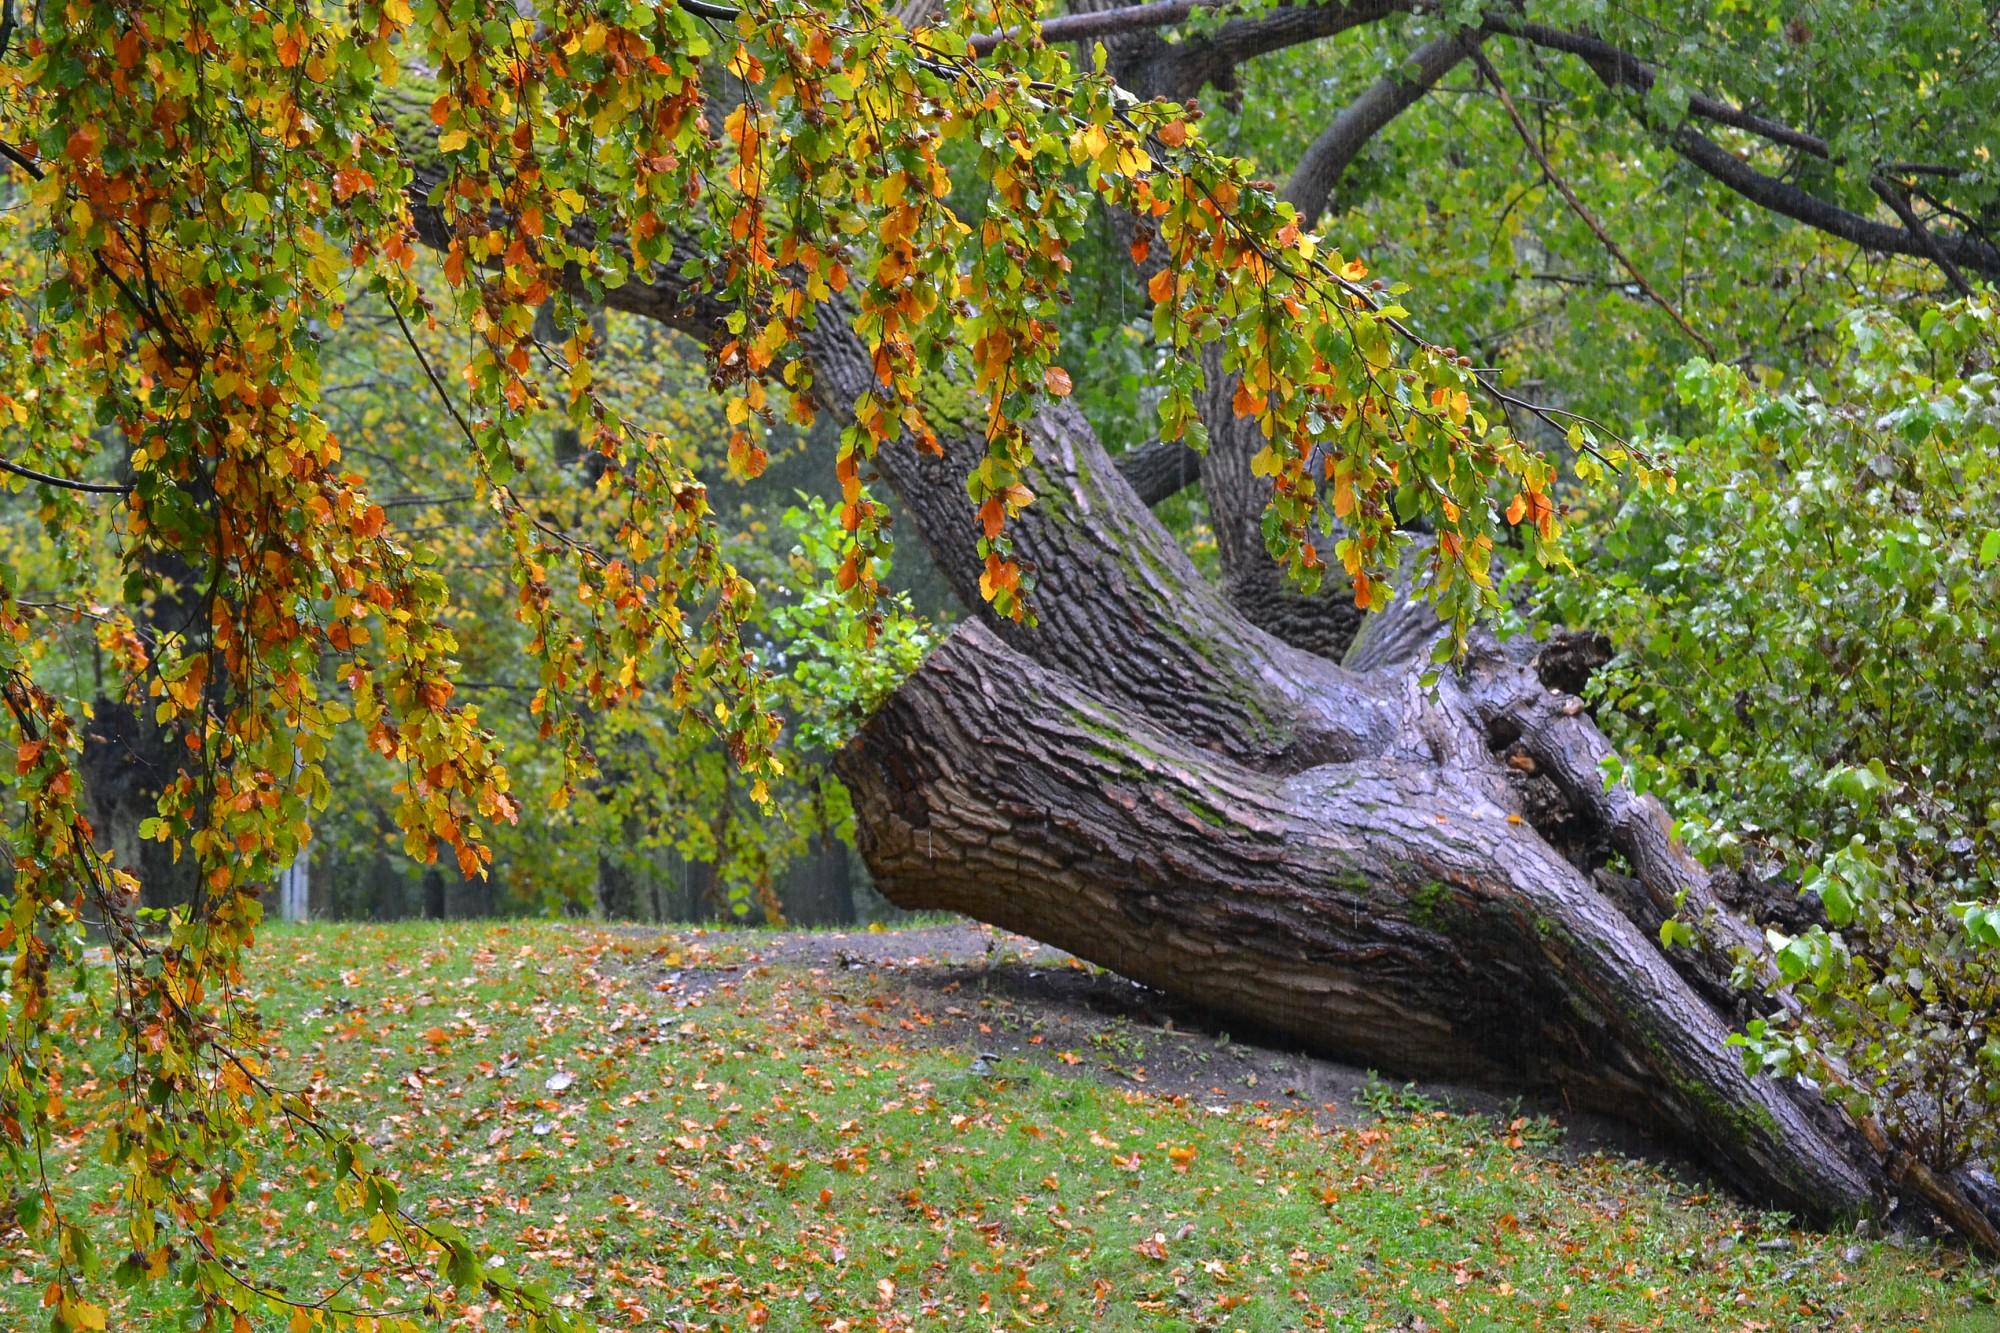 Baudot zelta rudeni, dabā jāizturas ar izpratni un cieņu